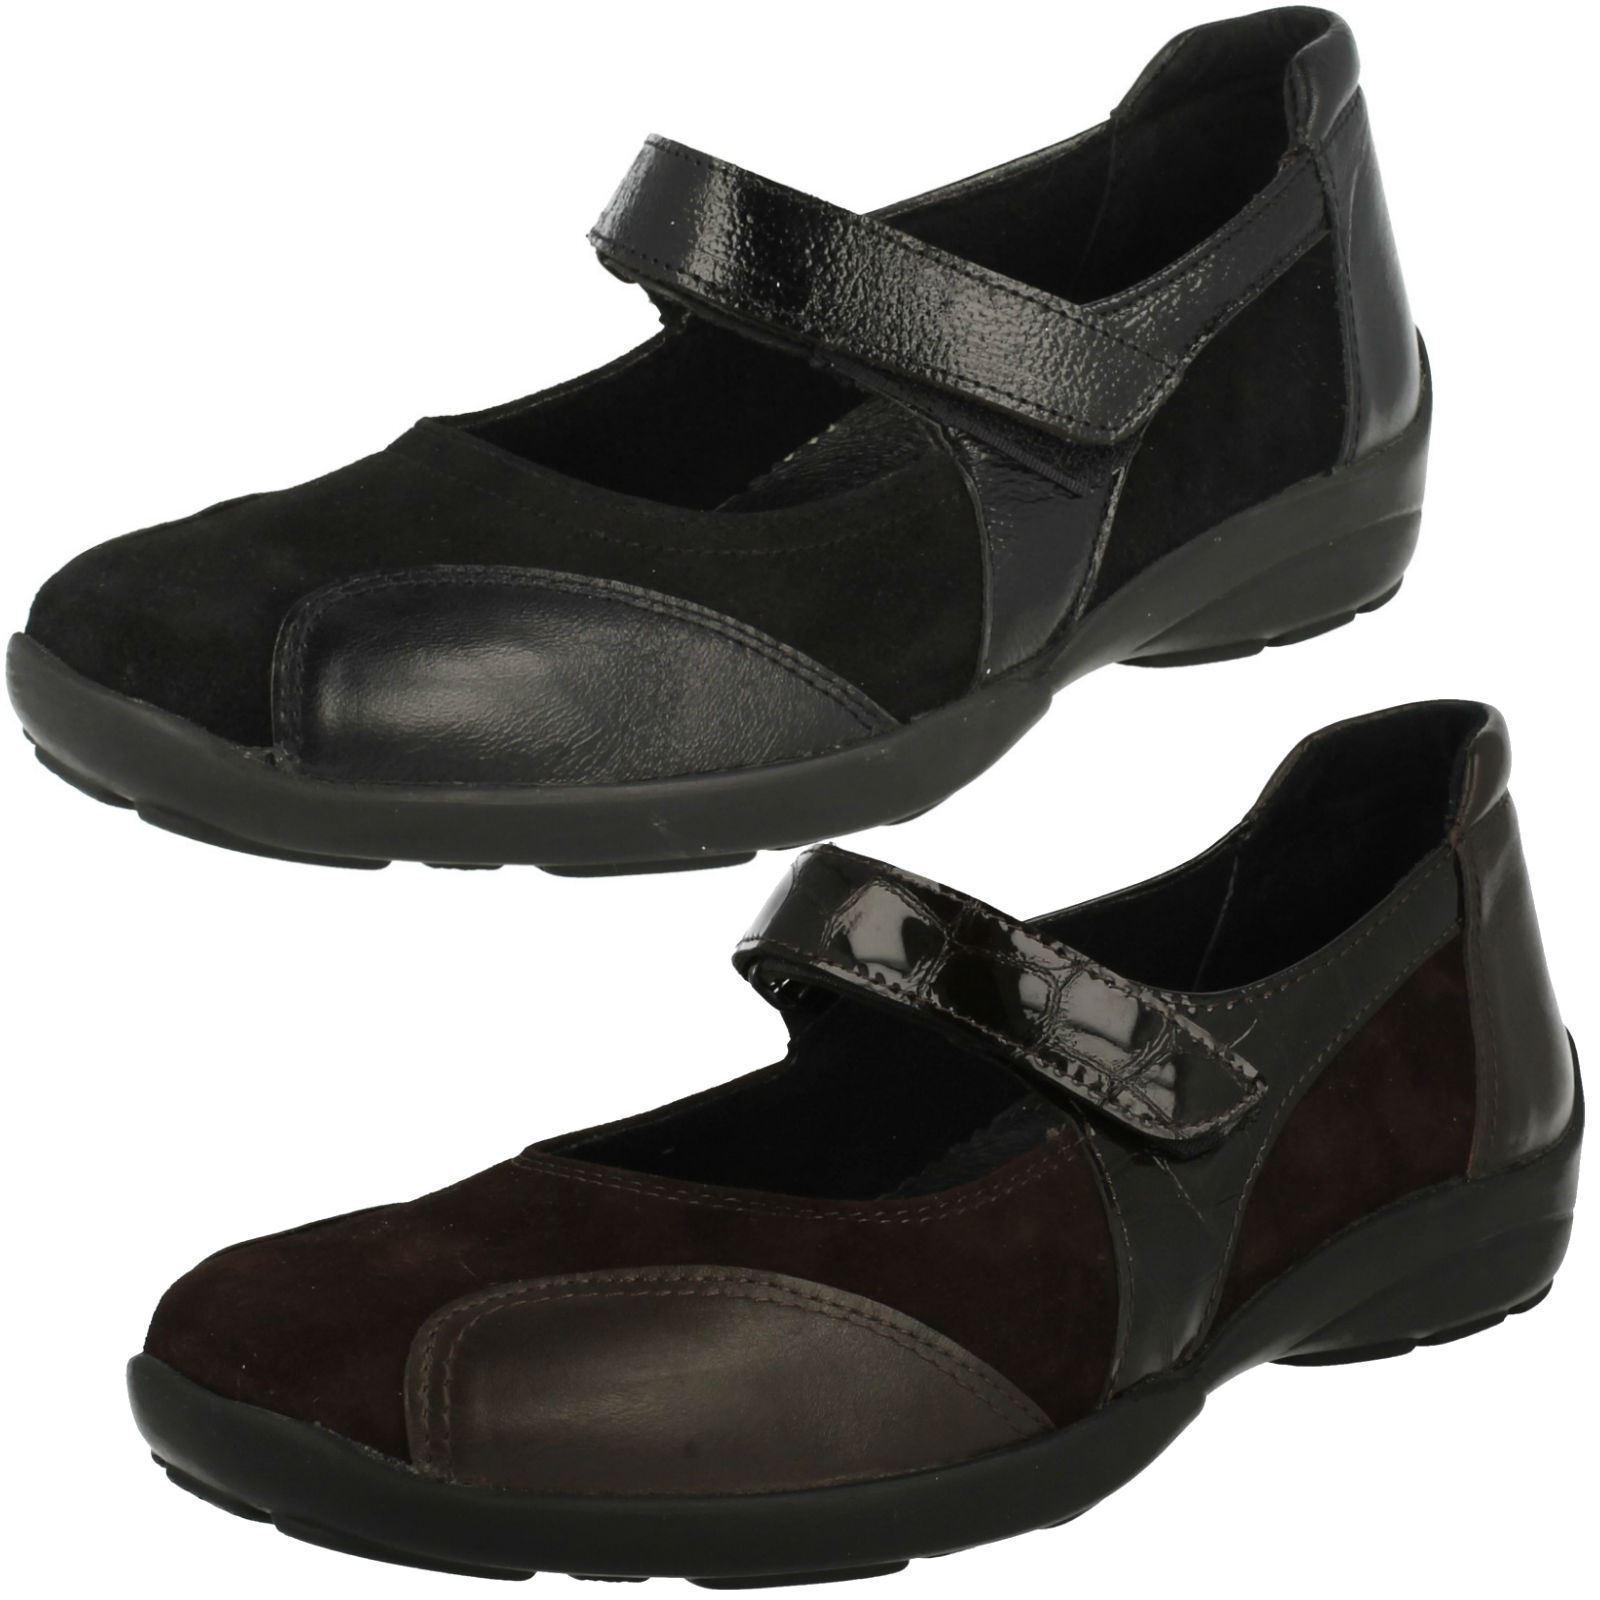 Easy Easy Easy B Damas Causal Mary Jane Zapatos Keighley  los clientes primero